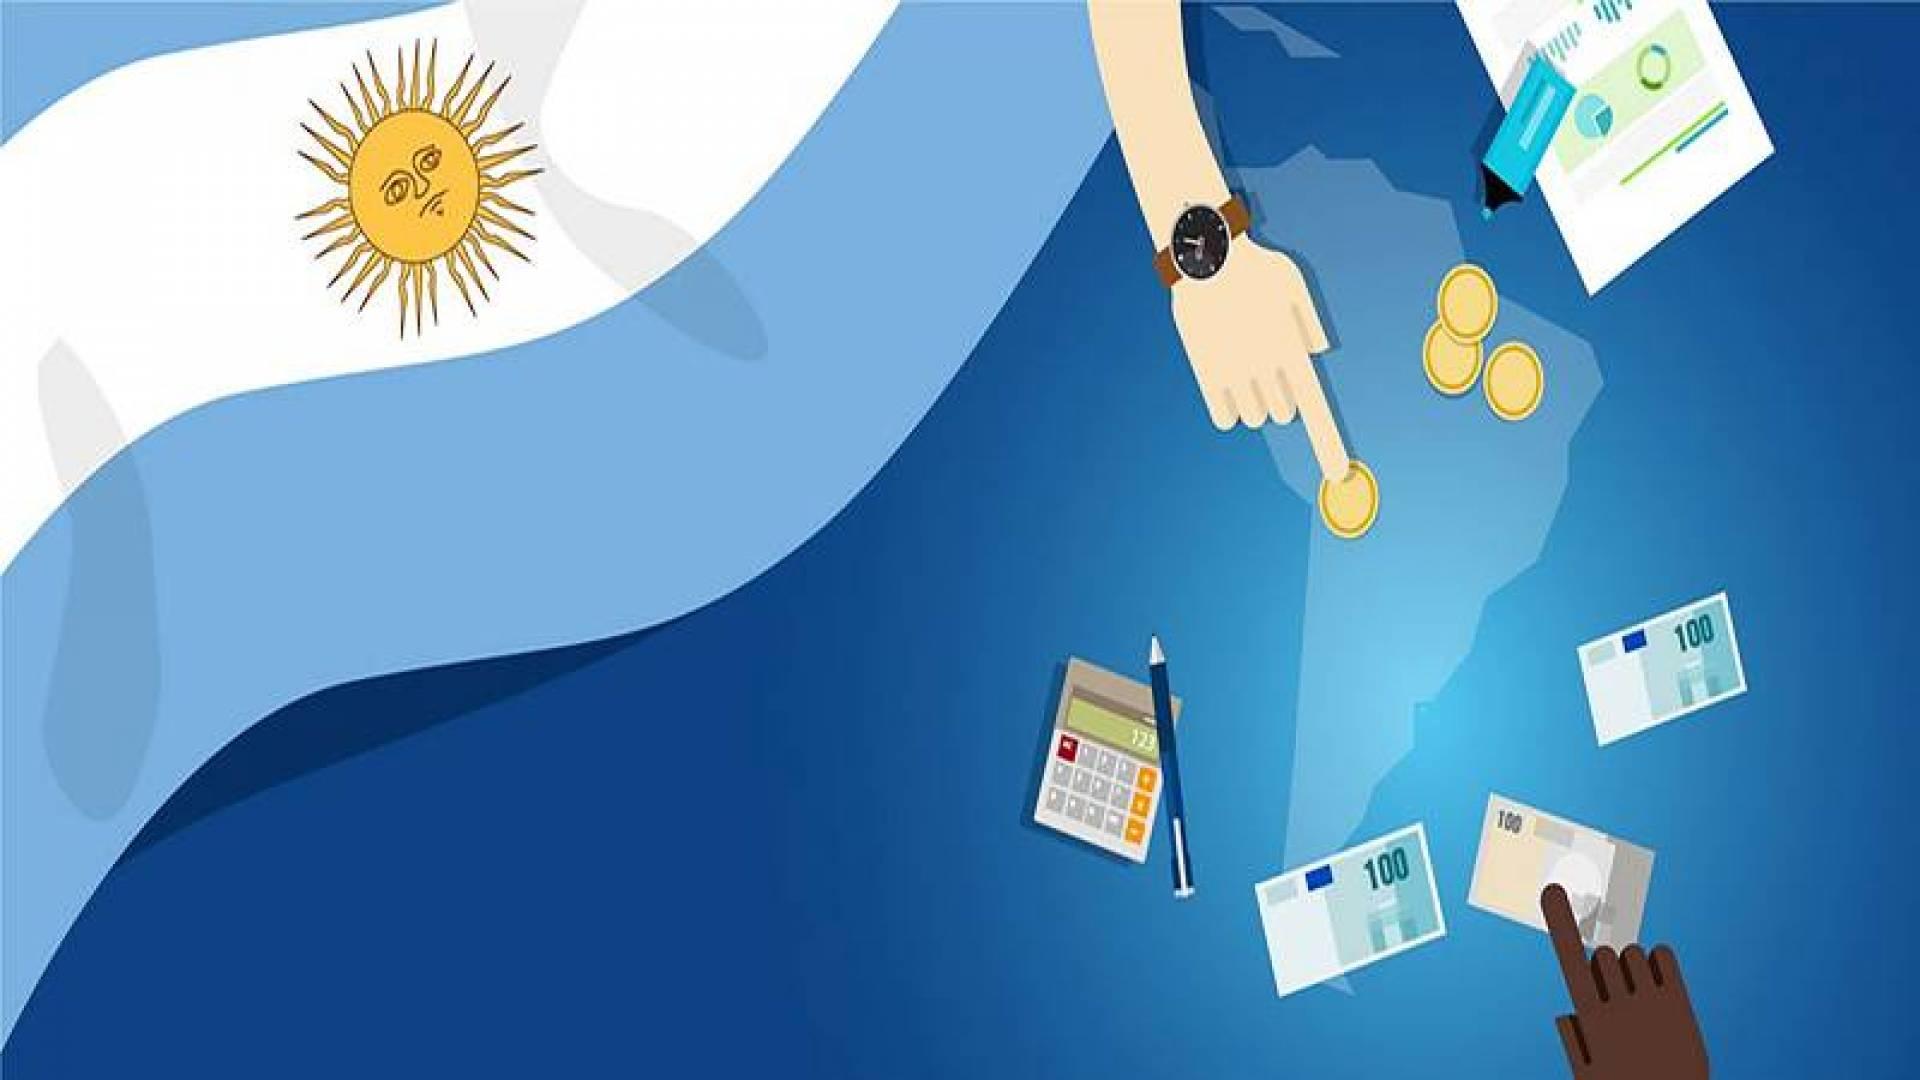 الأرجنتين من معجزة اقتصاد إلى أزمة «بيزو»